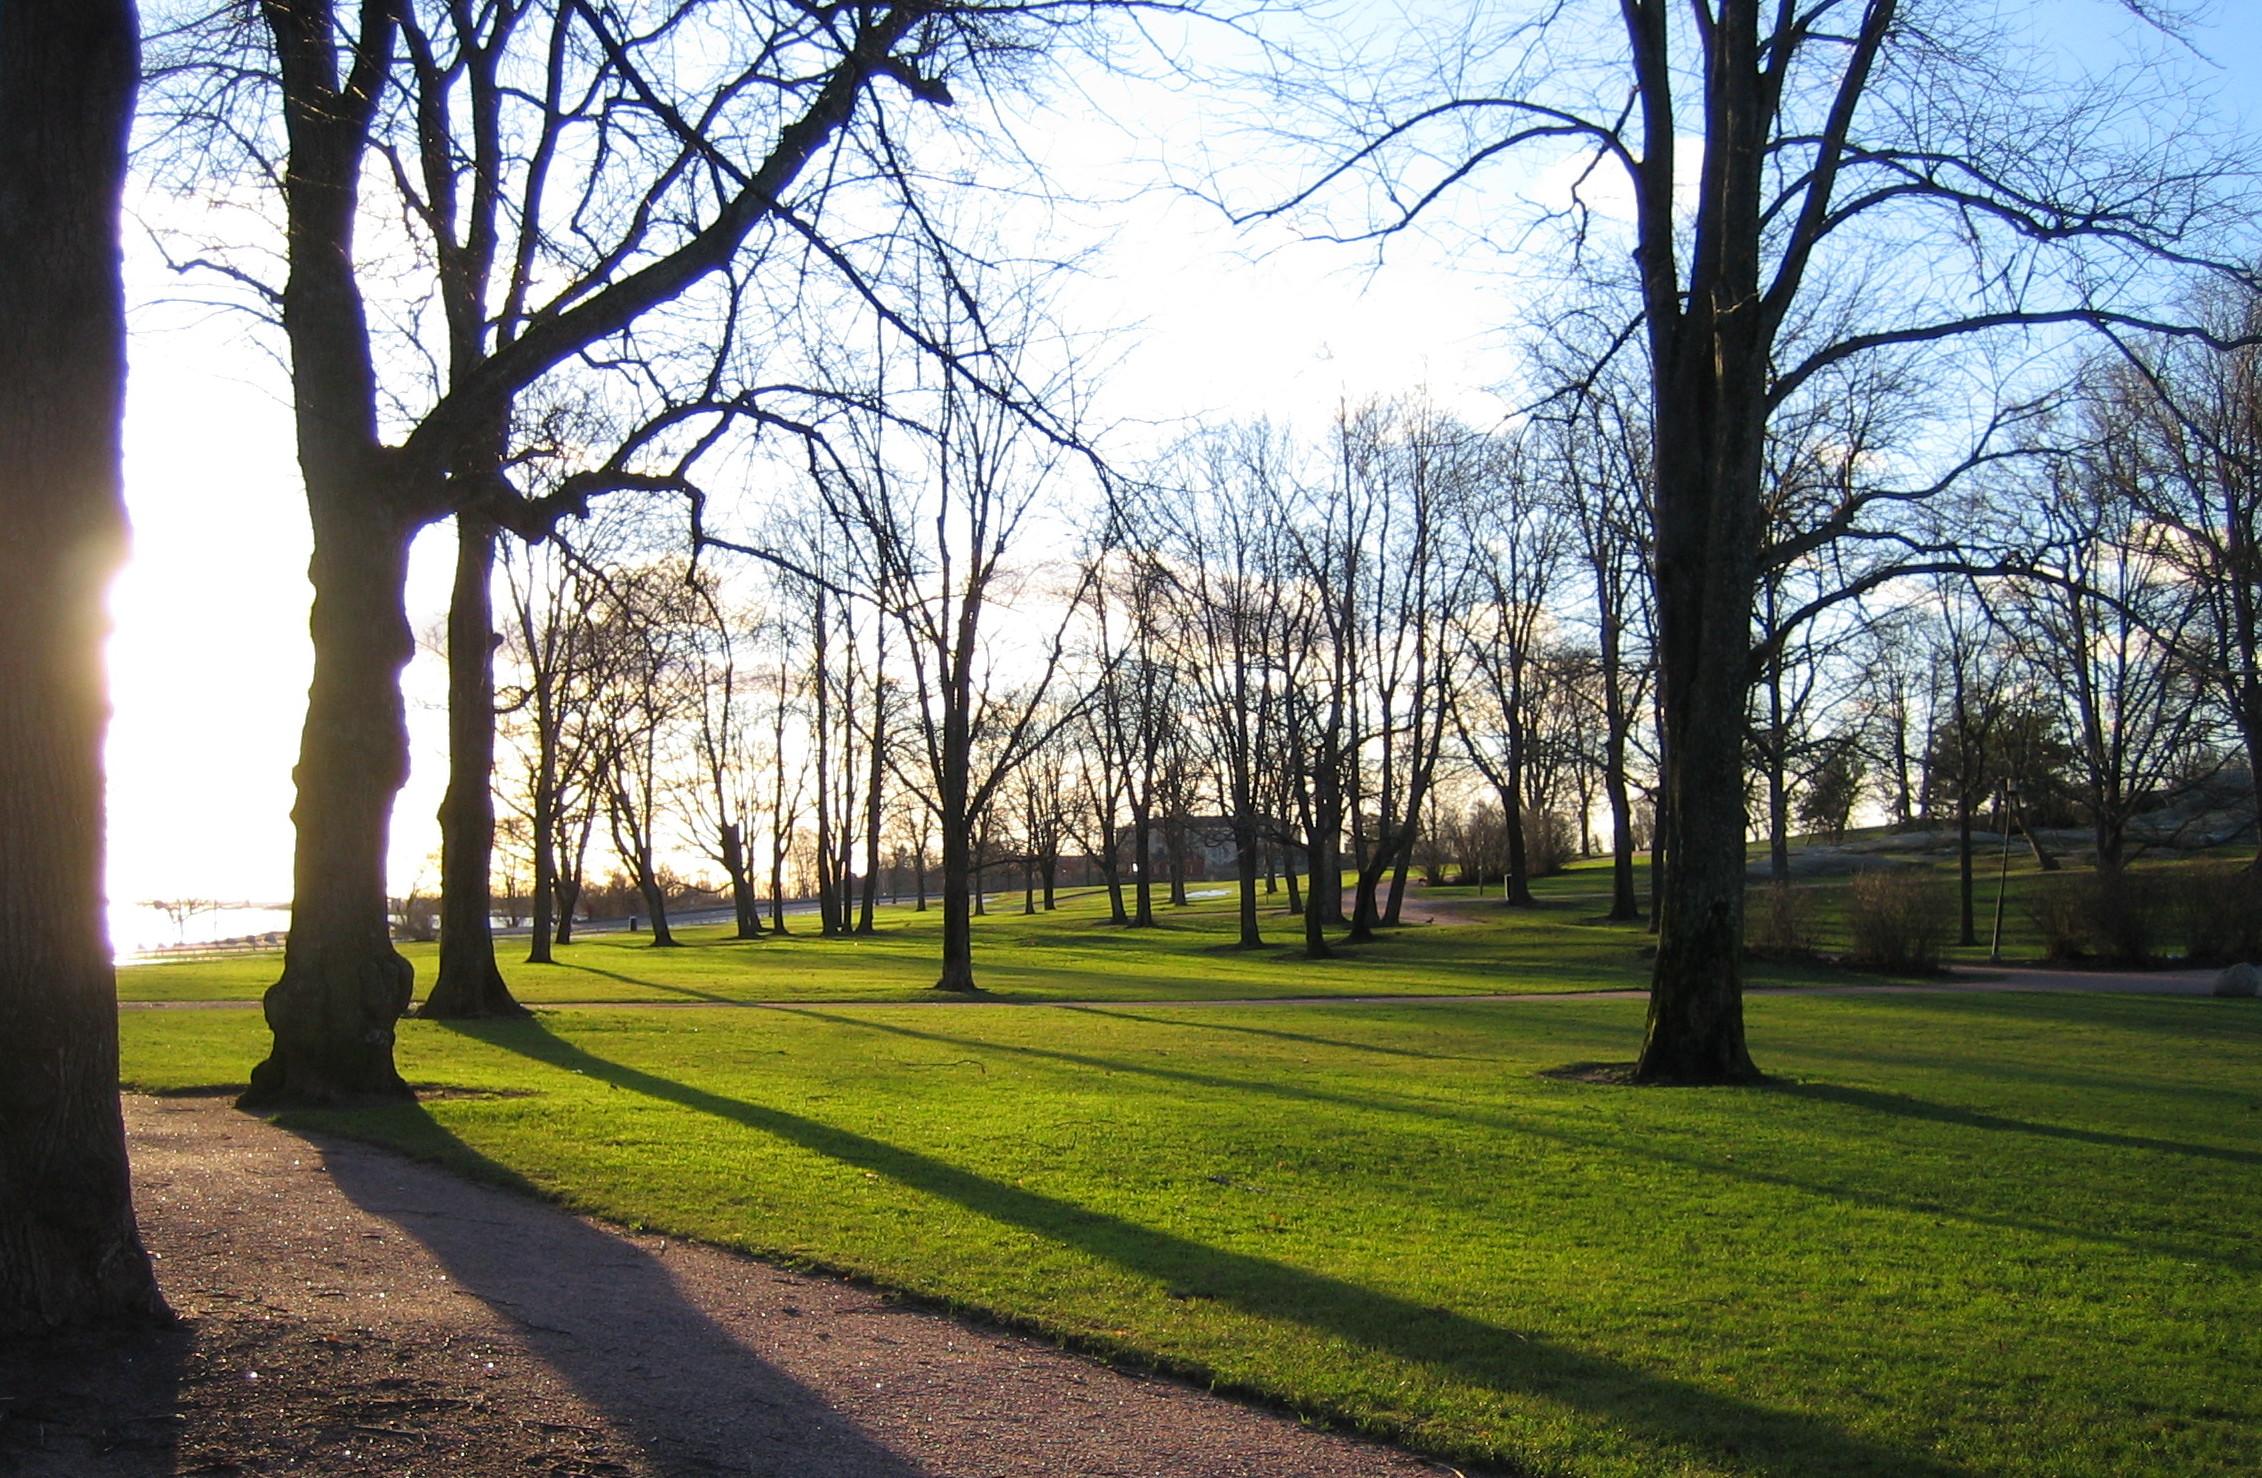 Kaivopuisto park. Photo: Virpi Vertainen